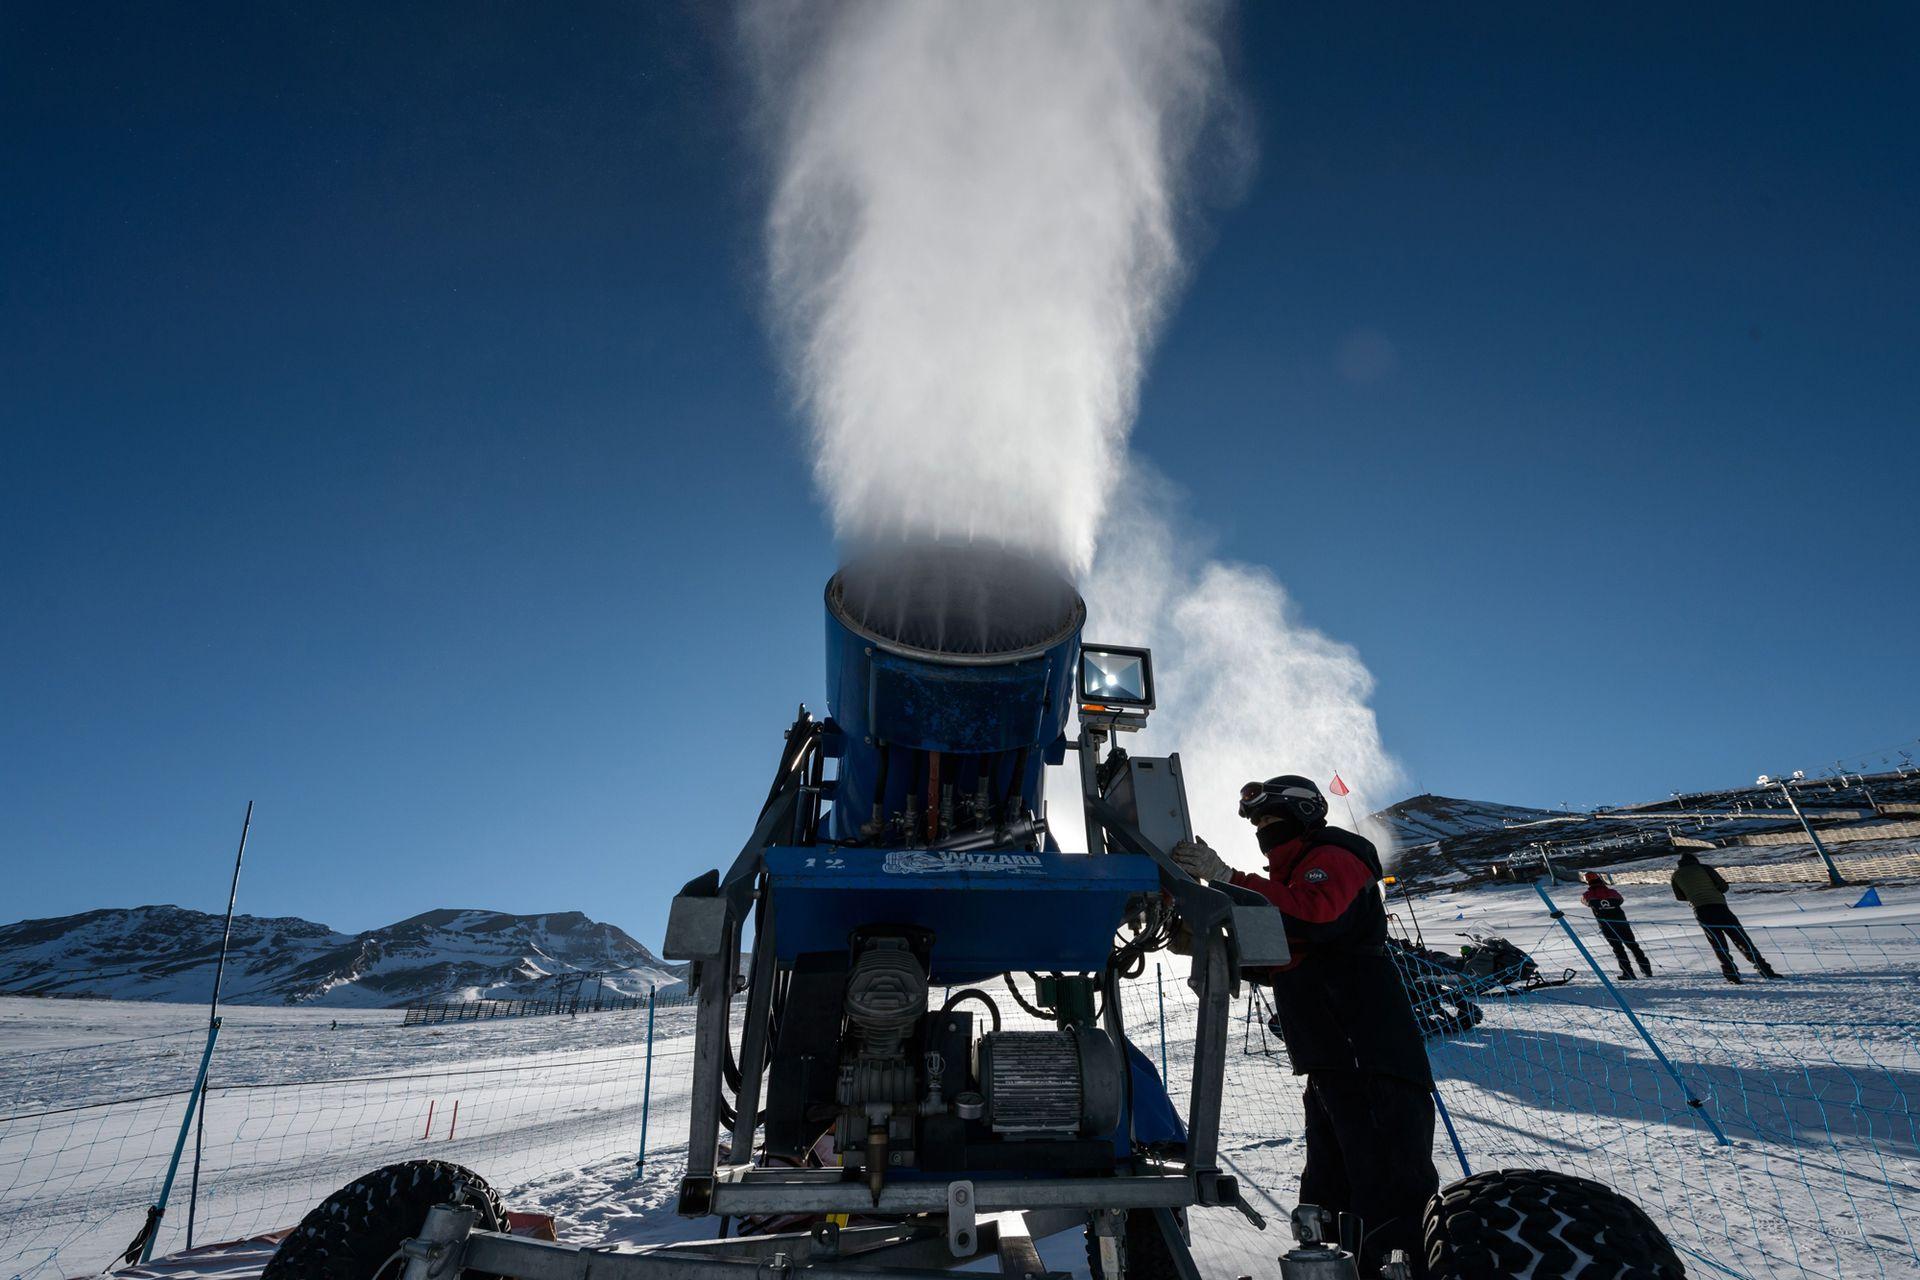 Hace solo unas décadas caían nevadas de más de cuatro metros en la cordillera andina, que obligaban a cortar el camino de acceso y transitar solo con maquinaria especial